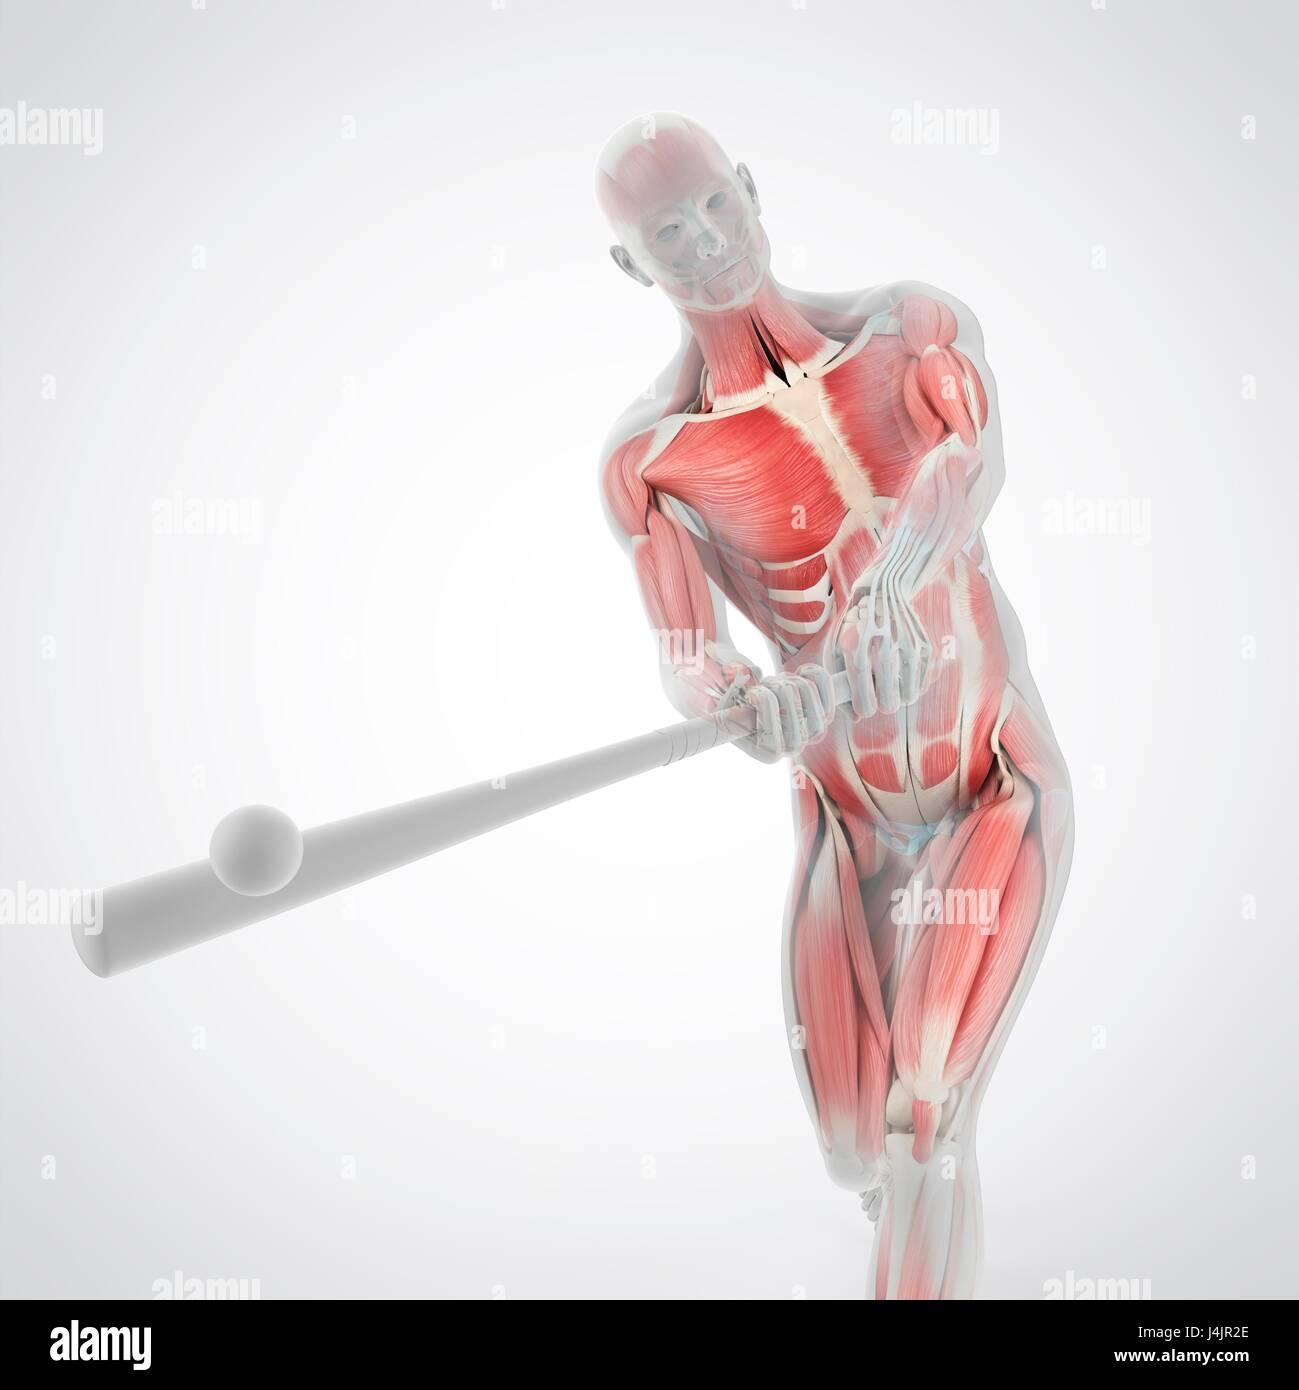 Estructura de la anatomía de un jugador de béisbol, la ilustración ...